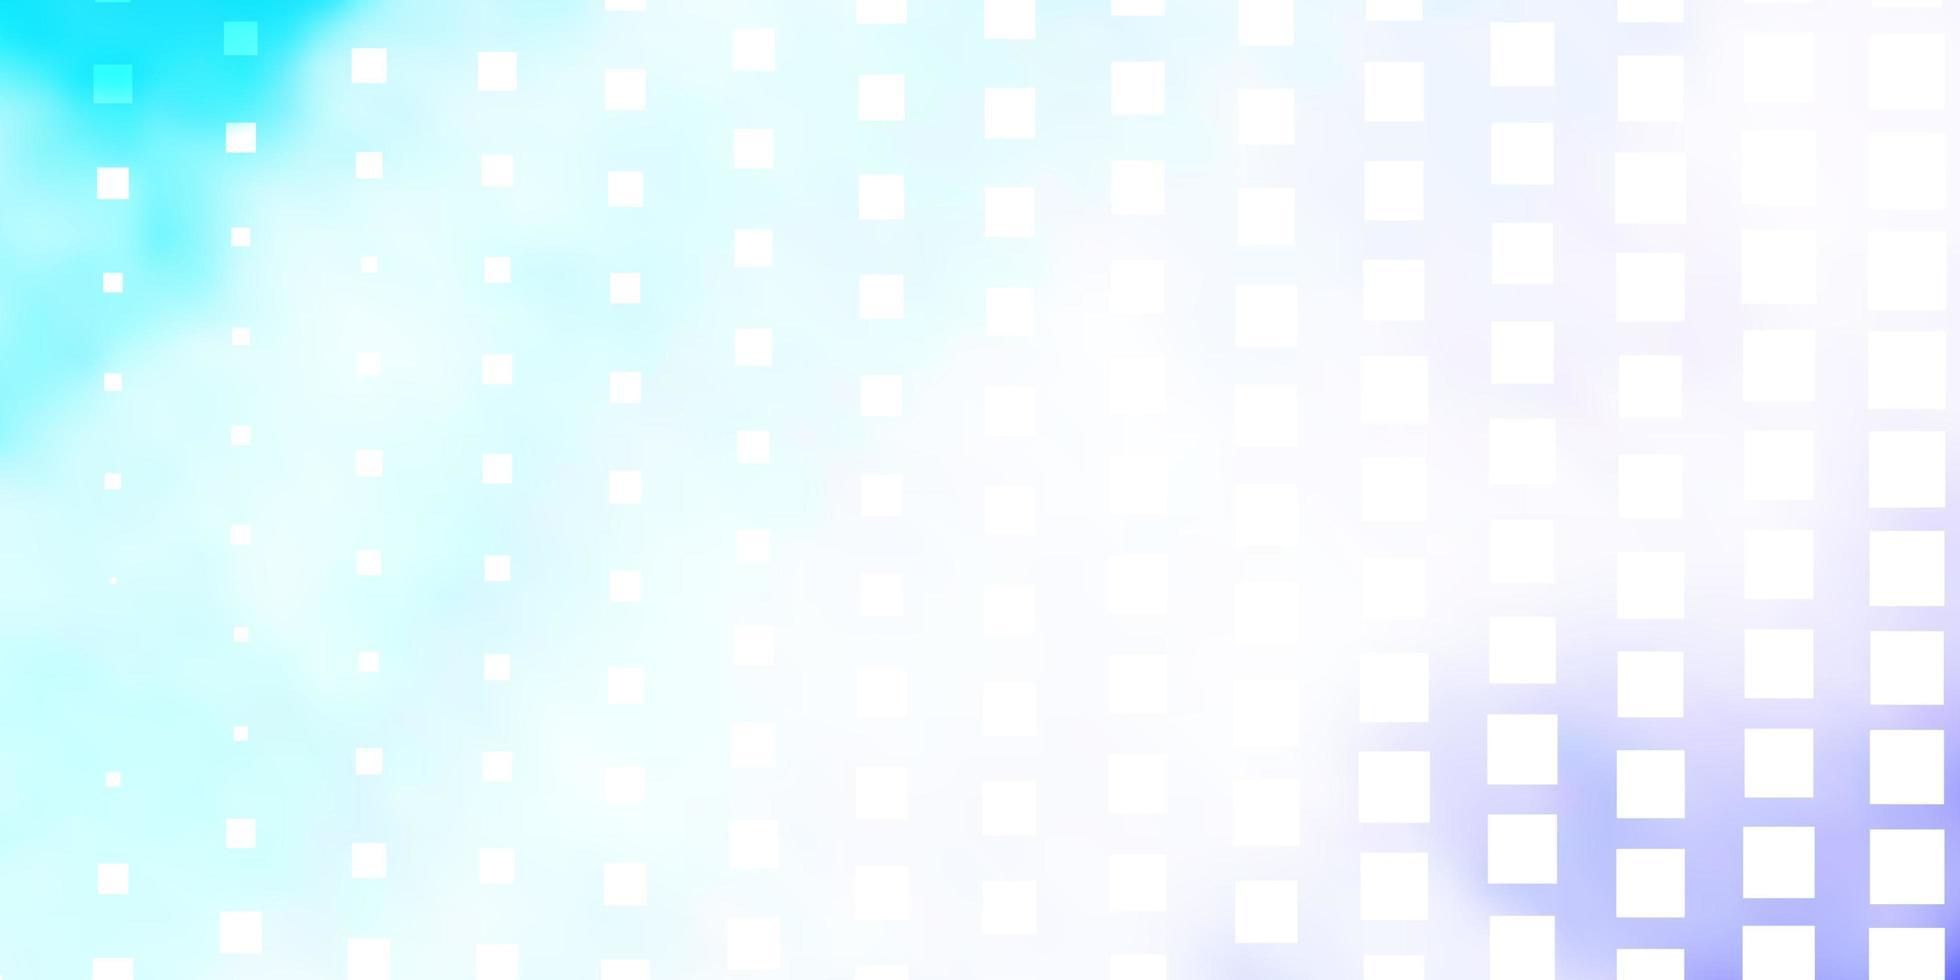 fundo vector rosa claro, azul com retângulos